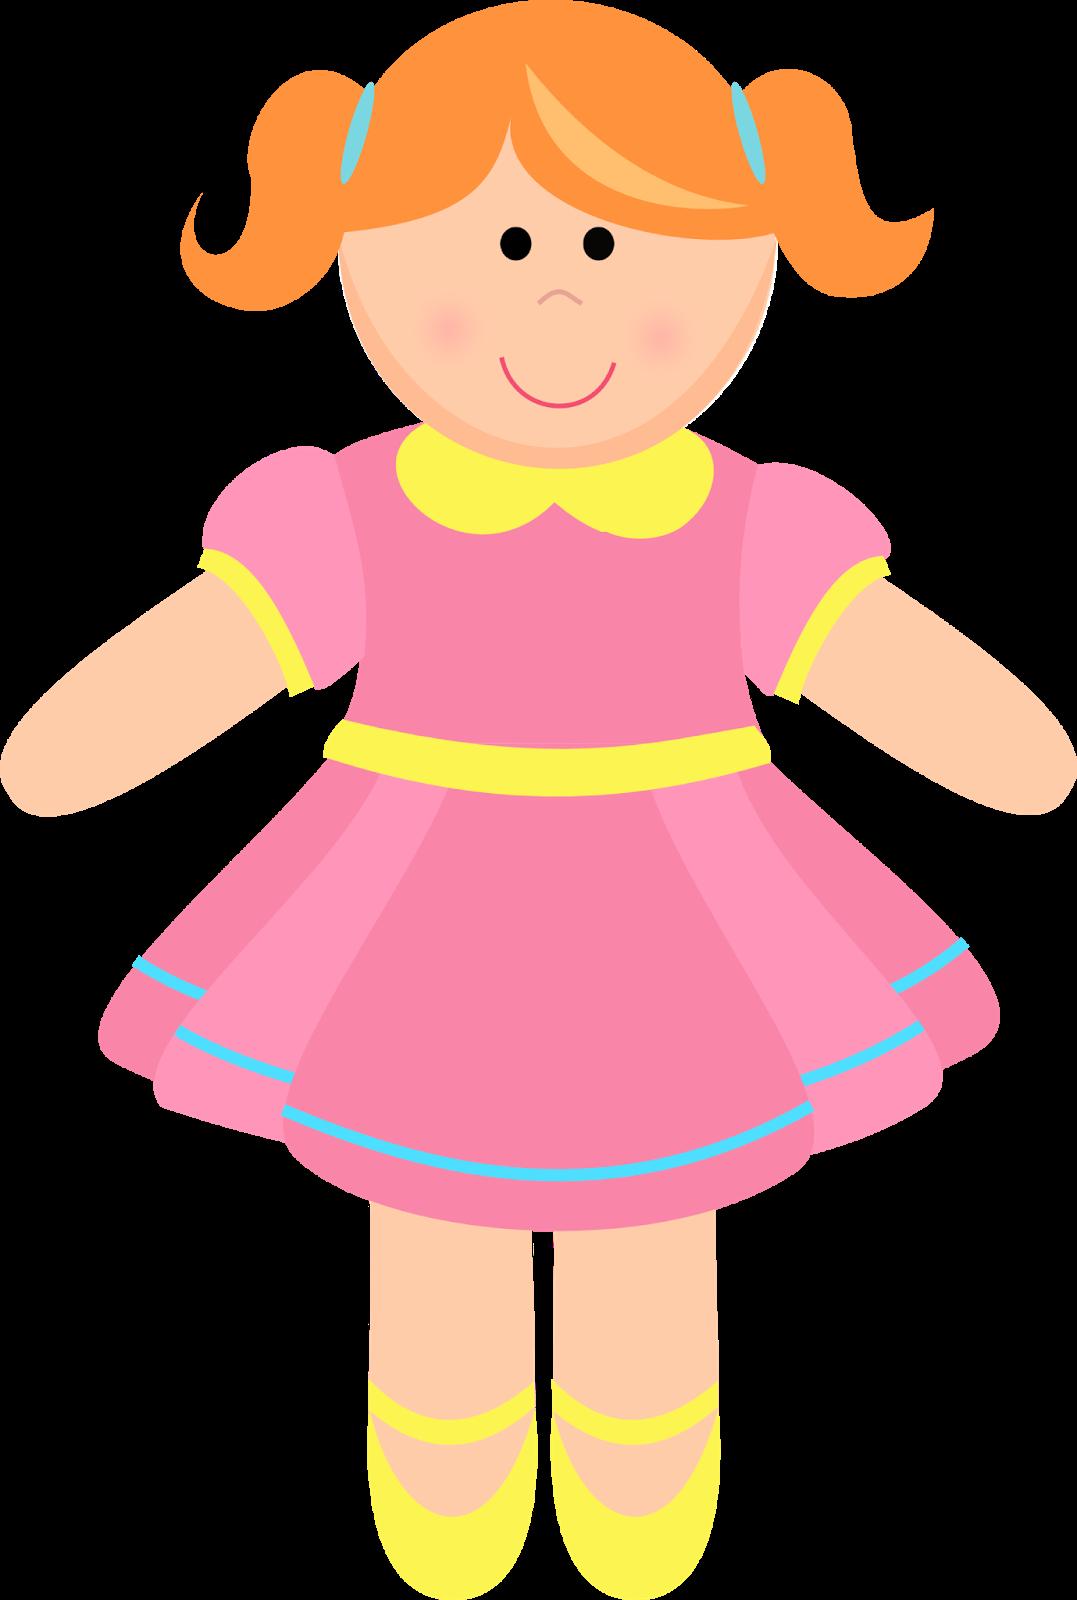 Montando a minha festa Imagens: Boneca de pano | ideias de mimos ...